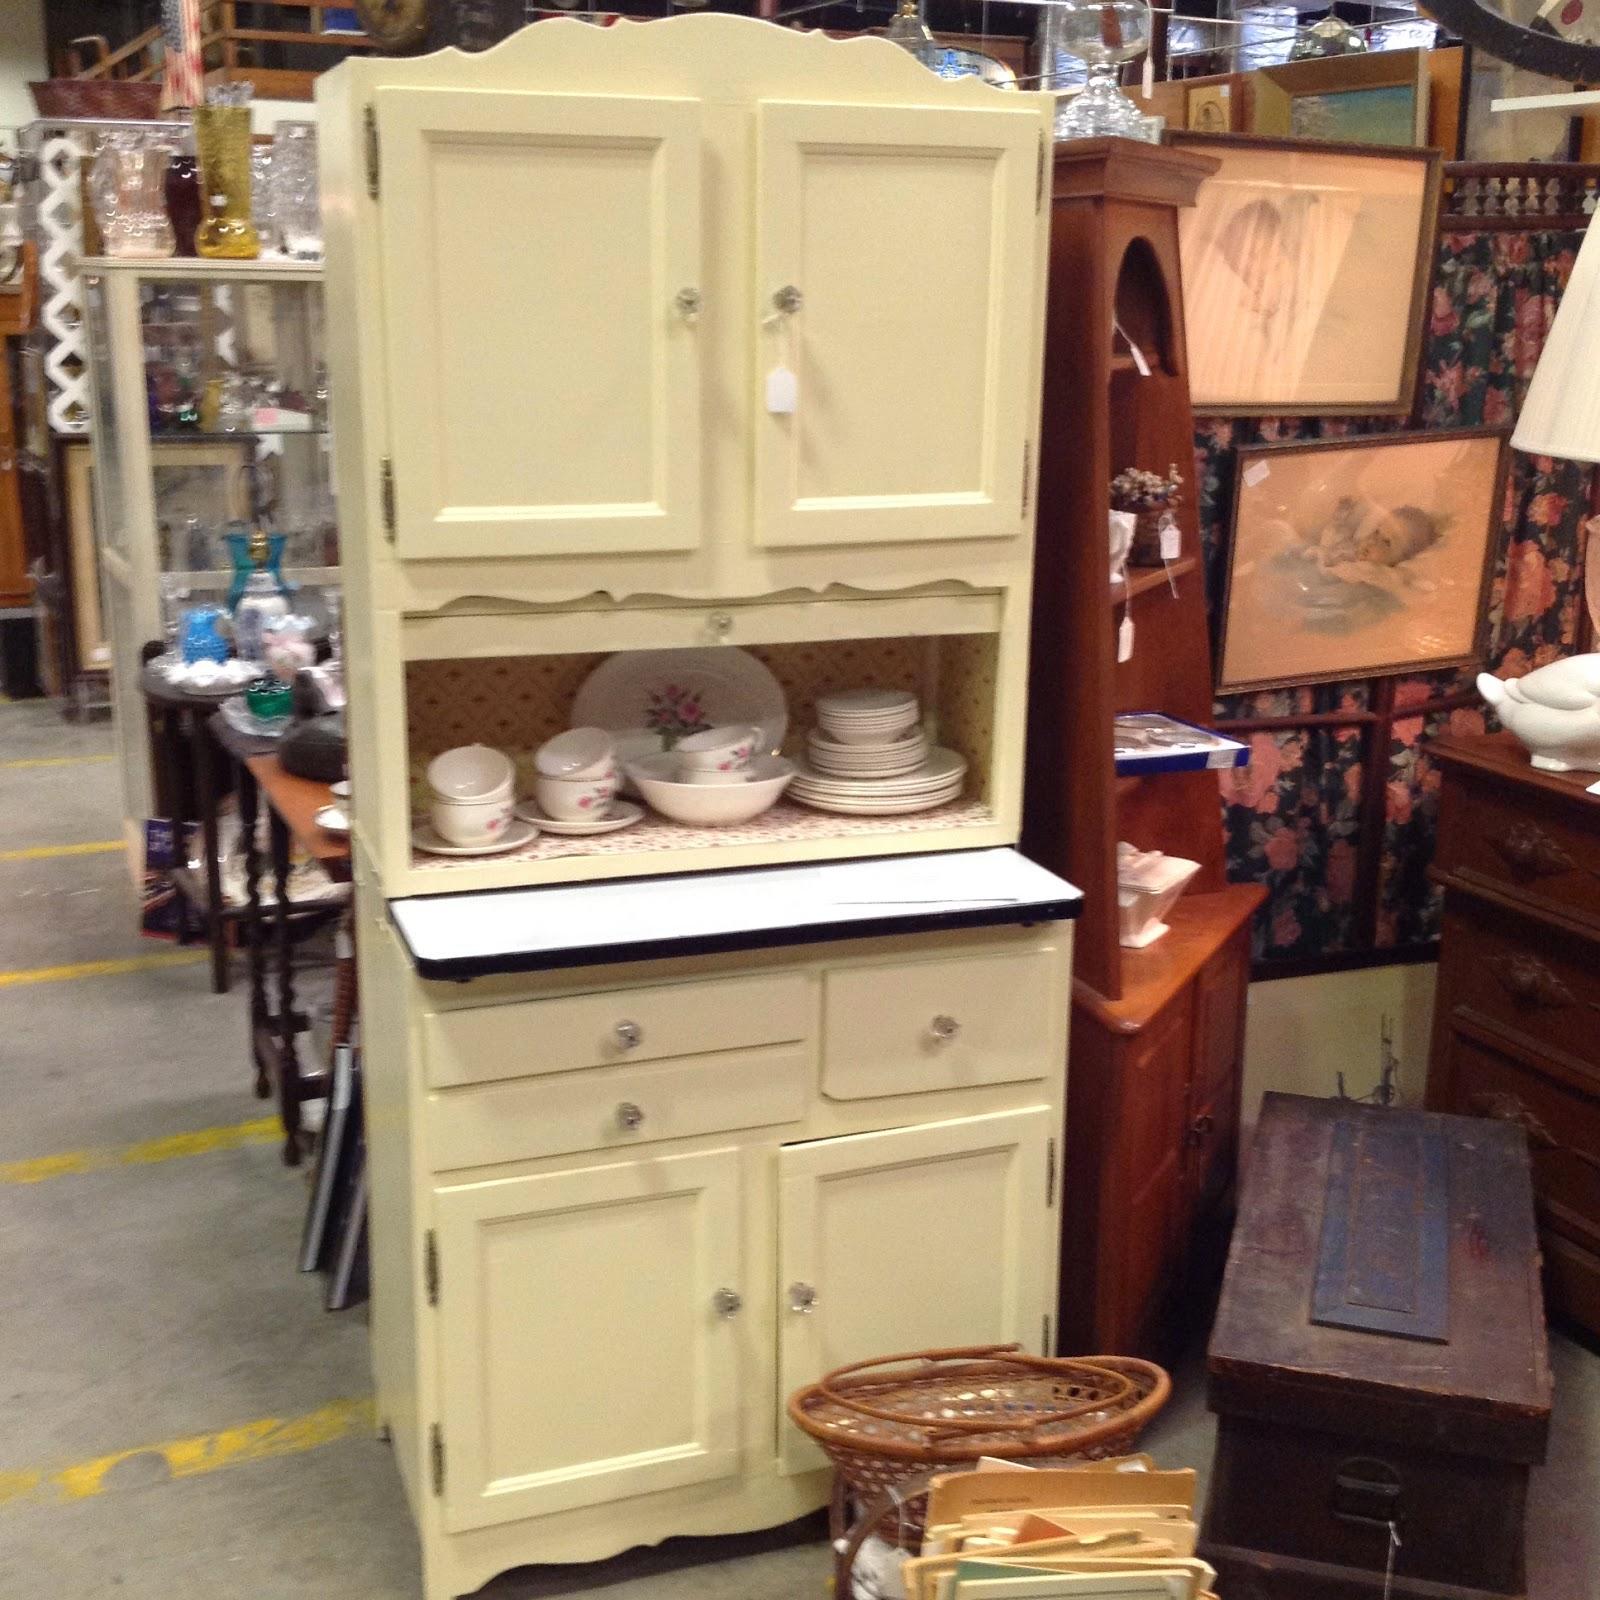 C. Dianne Zweig - Kitsch 'n Stuff: Old Style Hoosier Cabinets ...